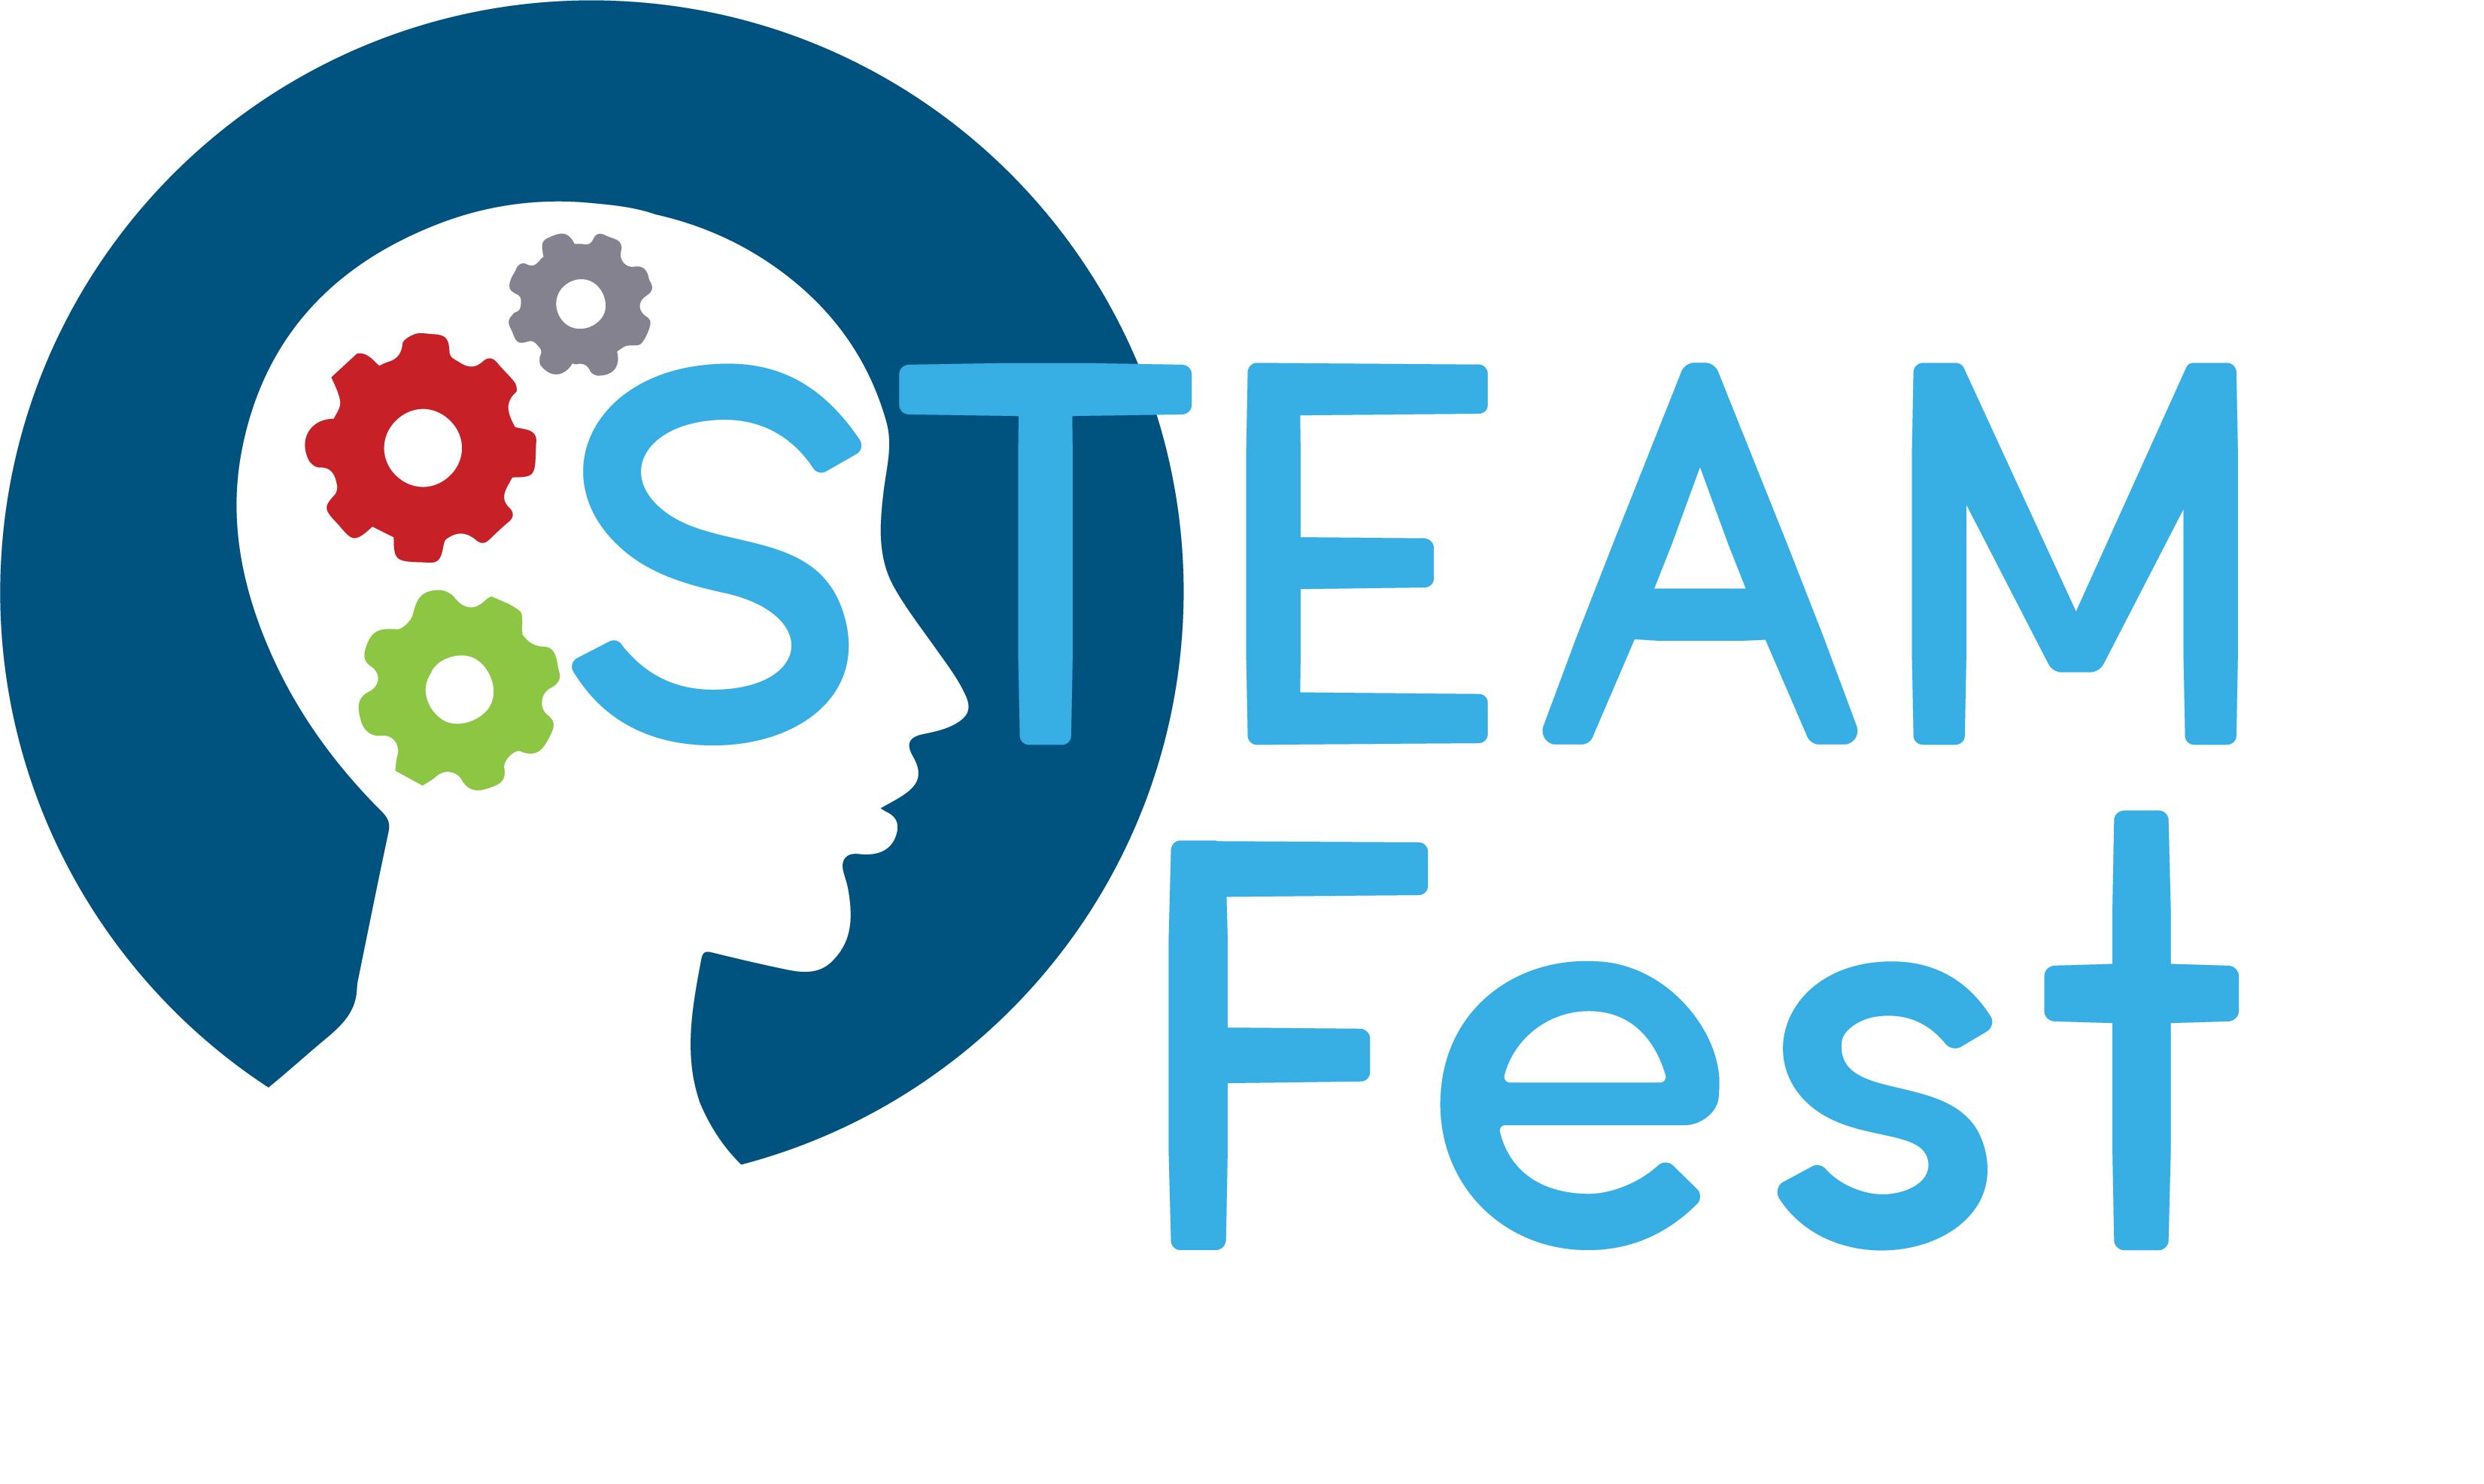 Steam Fest Logo